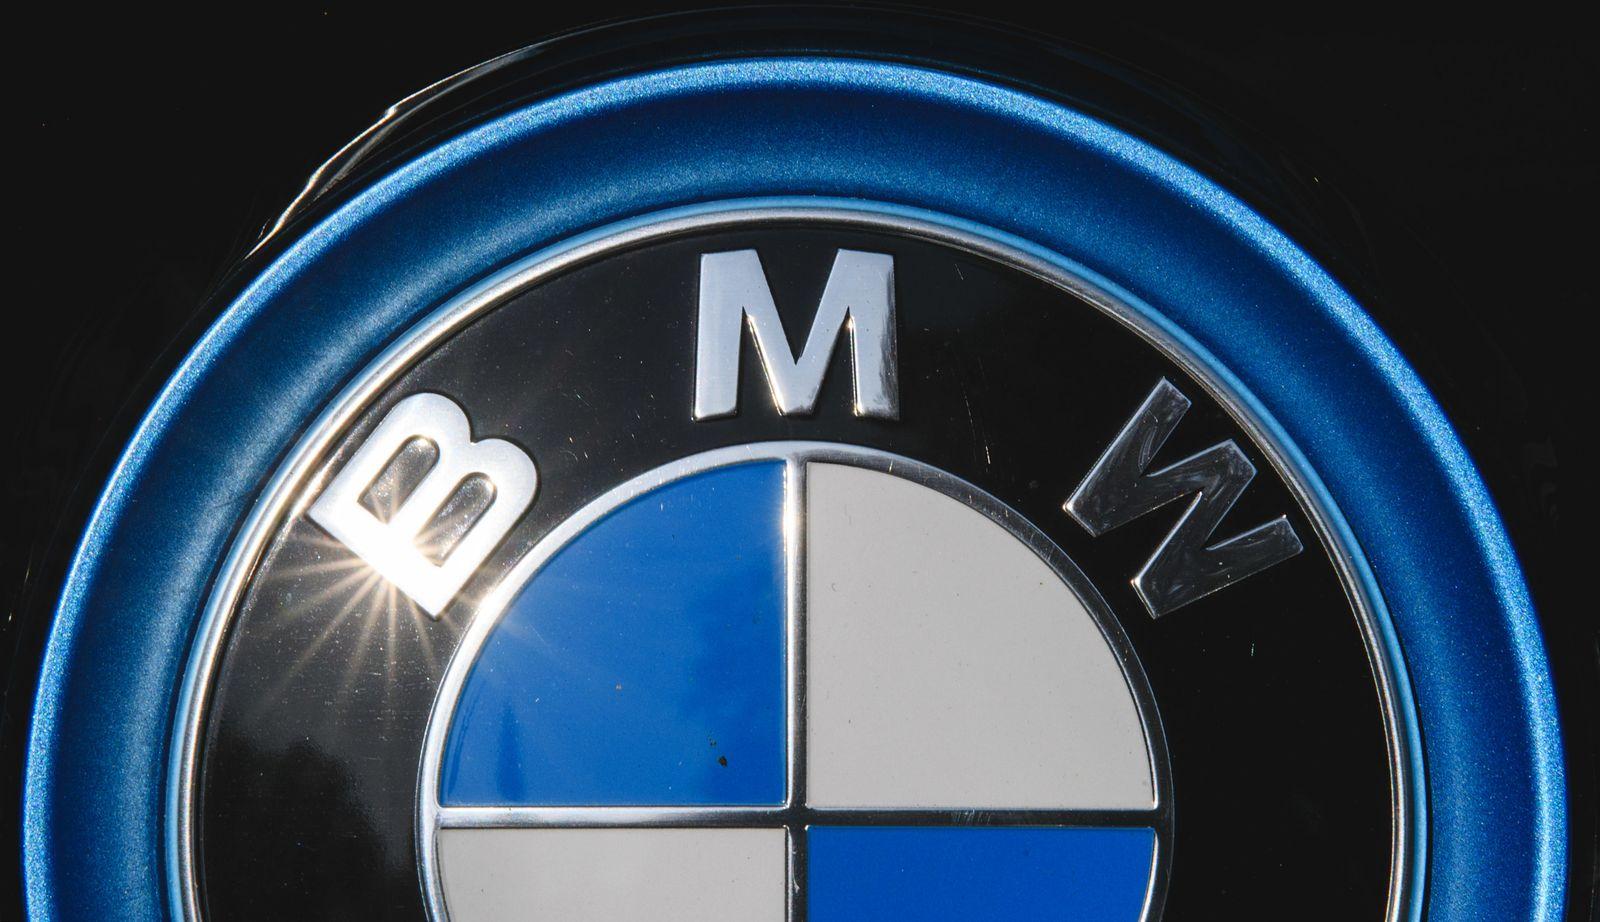 BMW zahlt wegen dubioser Verkaufszahlen Millionenstrafe in USA